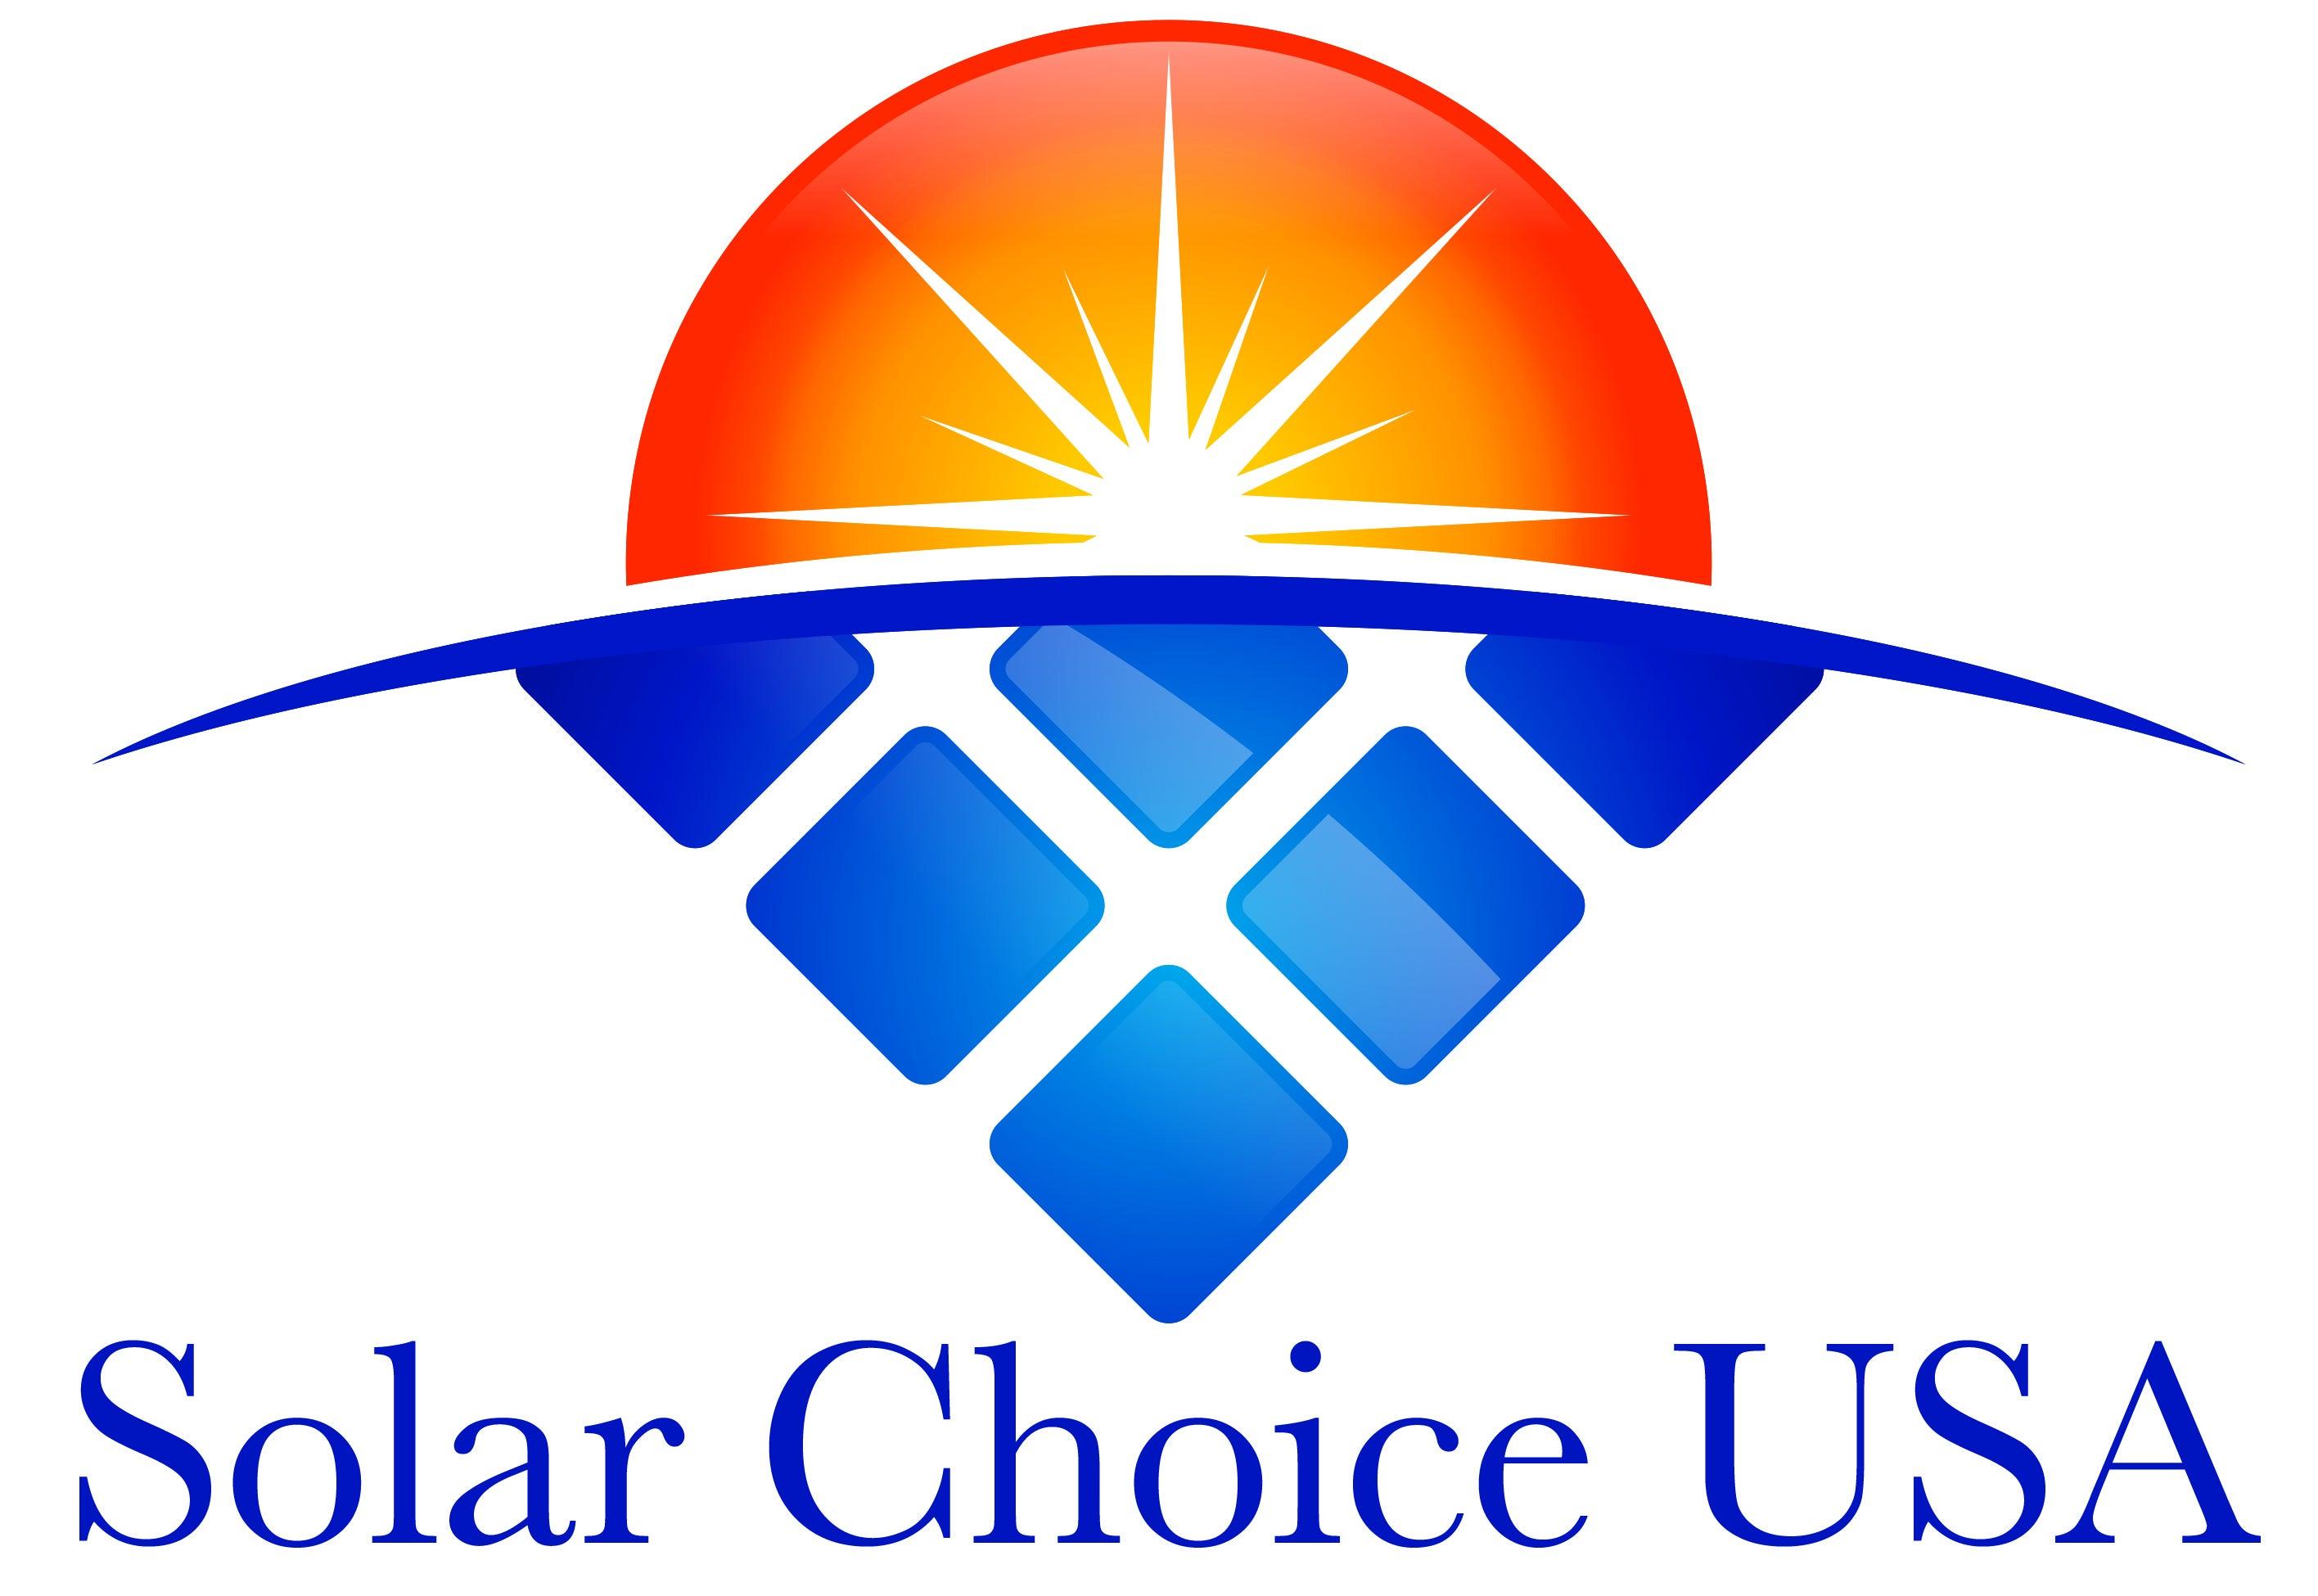 Solar Choice USA solar reviews, complaints, address & solar